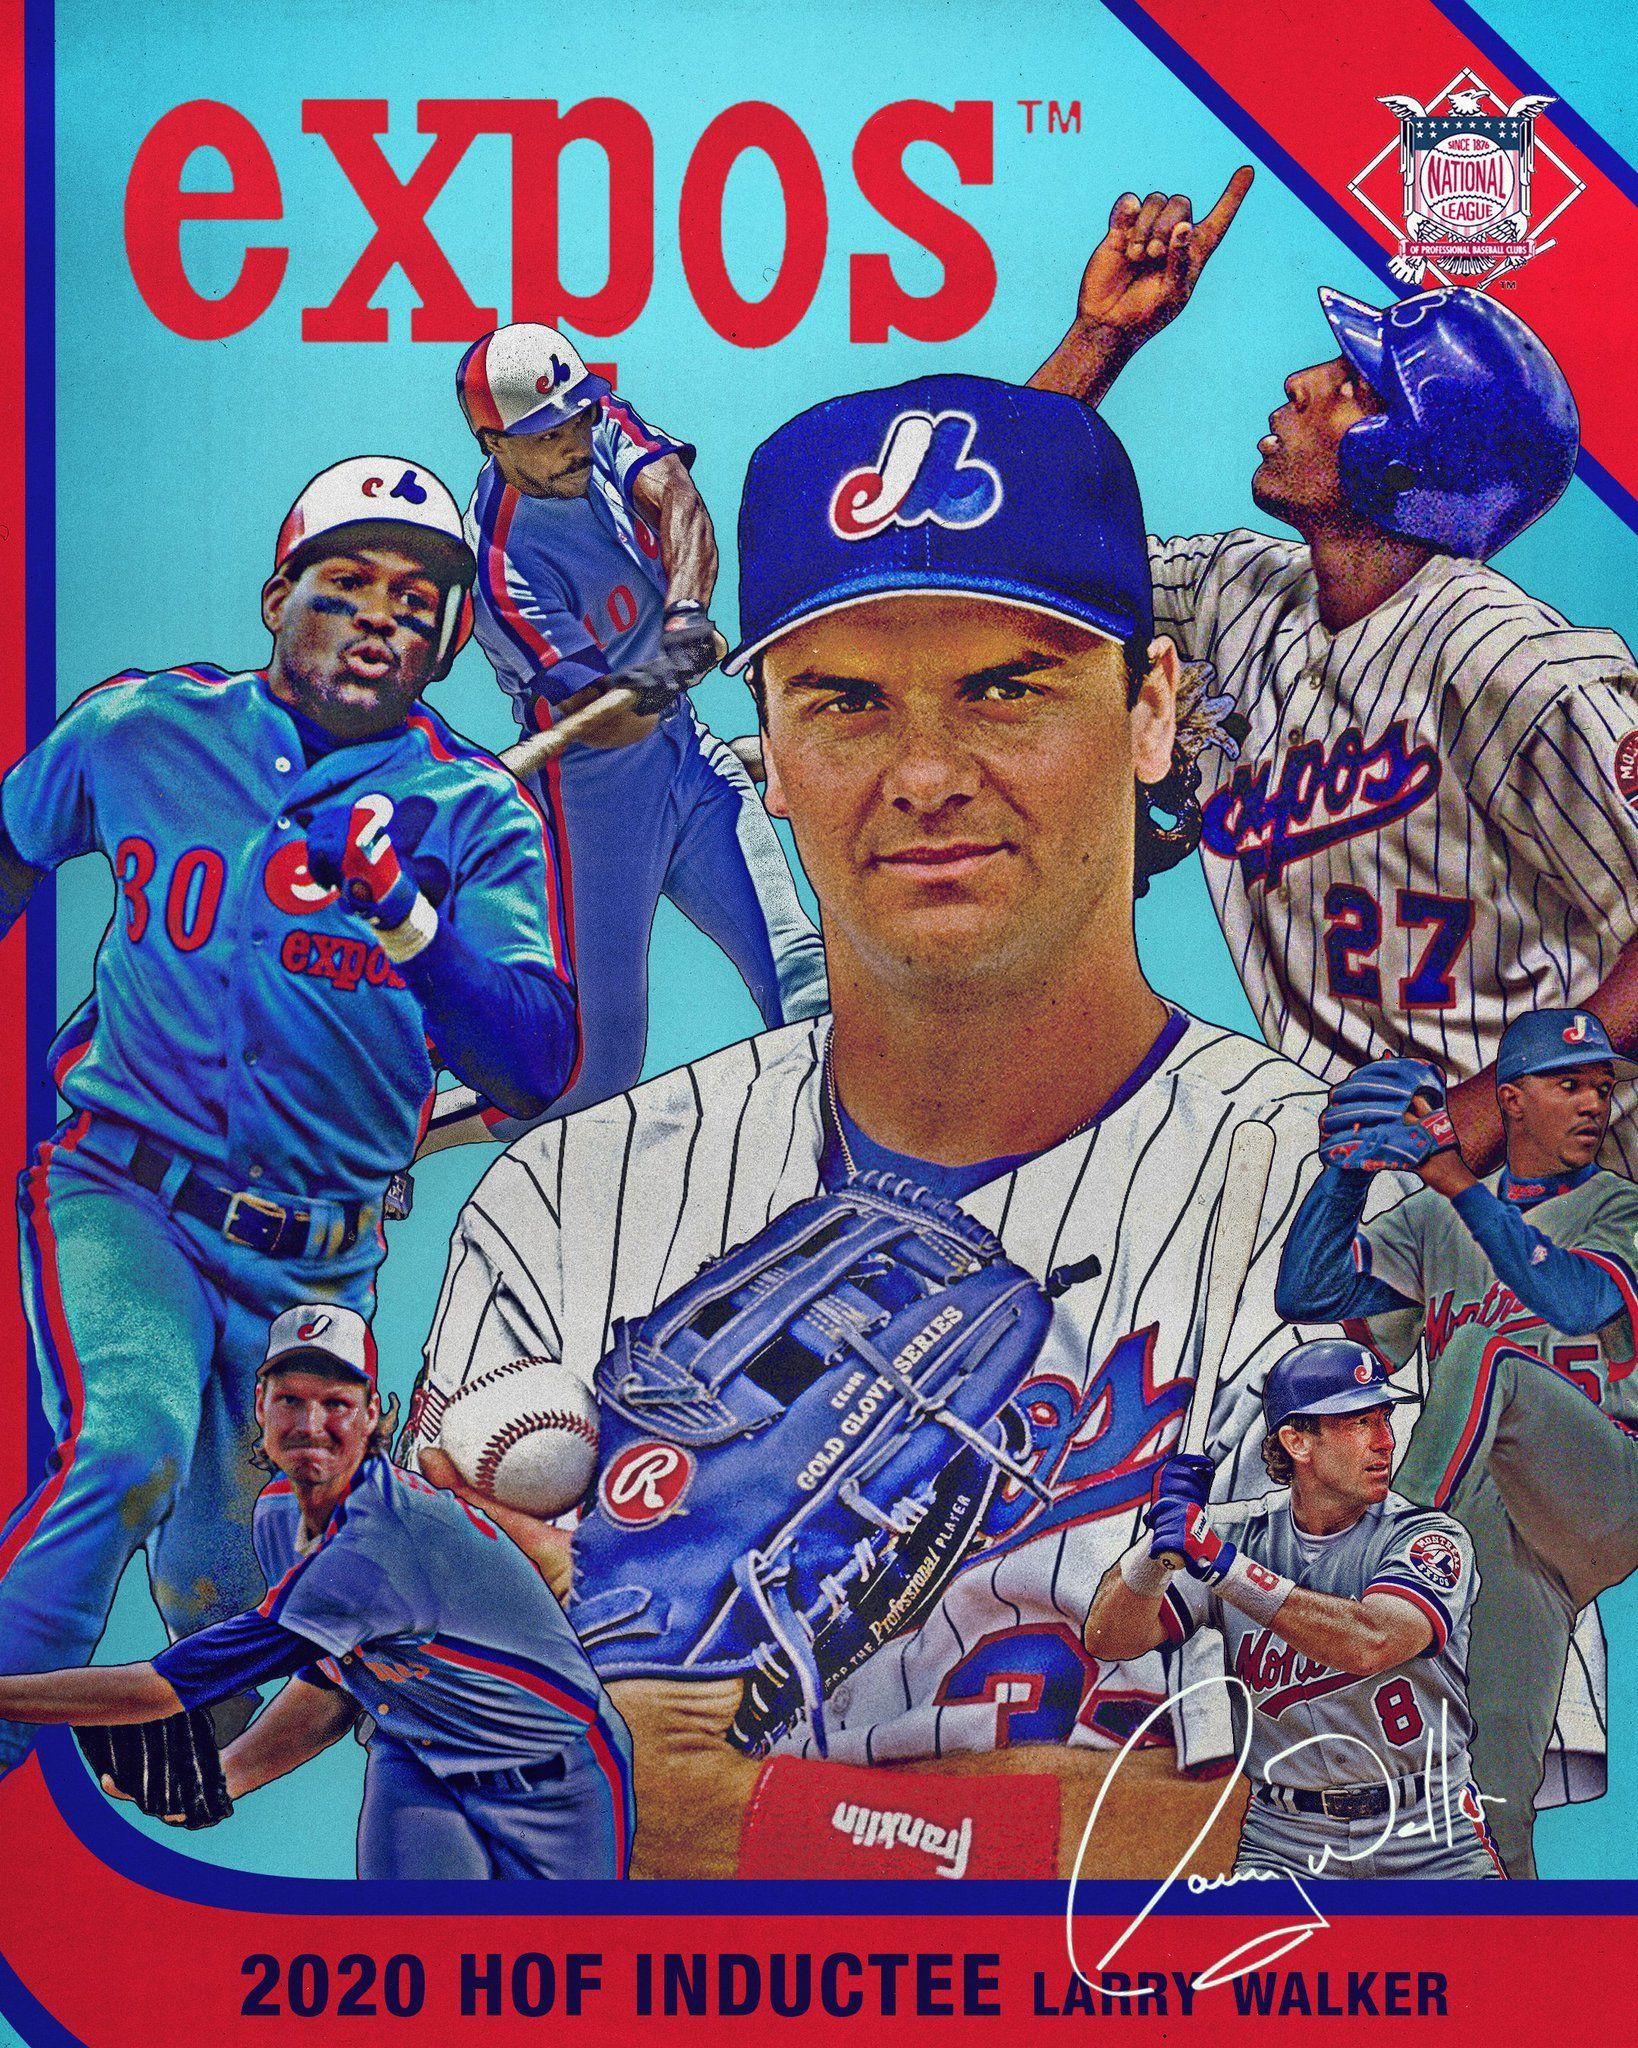 Mlb On In 2020 Larry Walker Mlb Yankees World Series